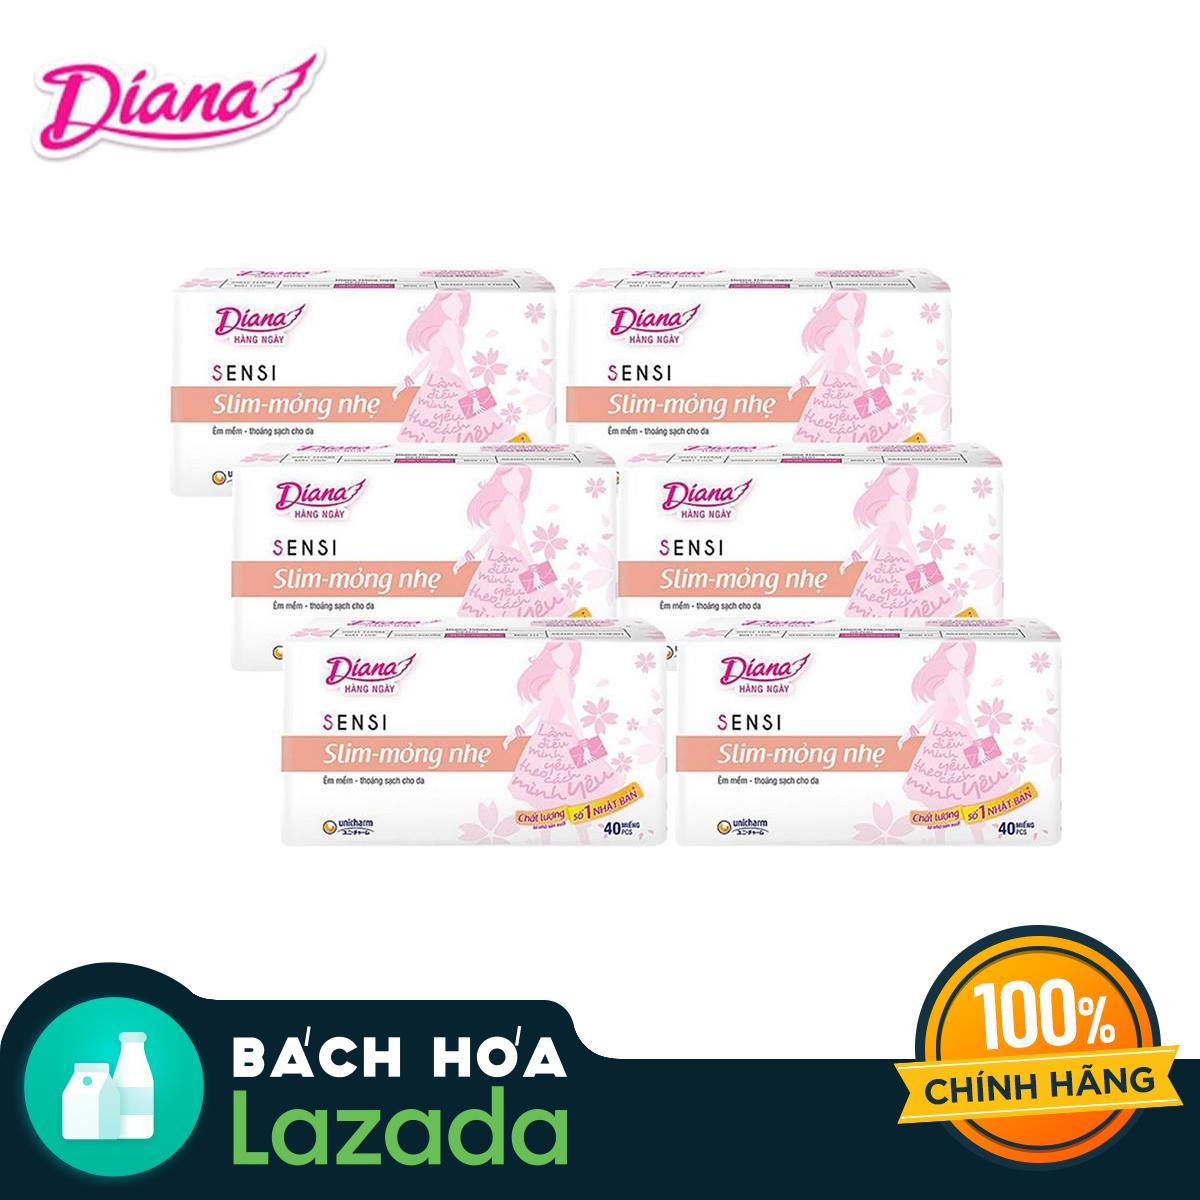 Bộ 6 gói Băng vệ sinh Diana hàng ngày SENSI Slim mỏng nhẹ Gói 40 miếng nhập khẩu